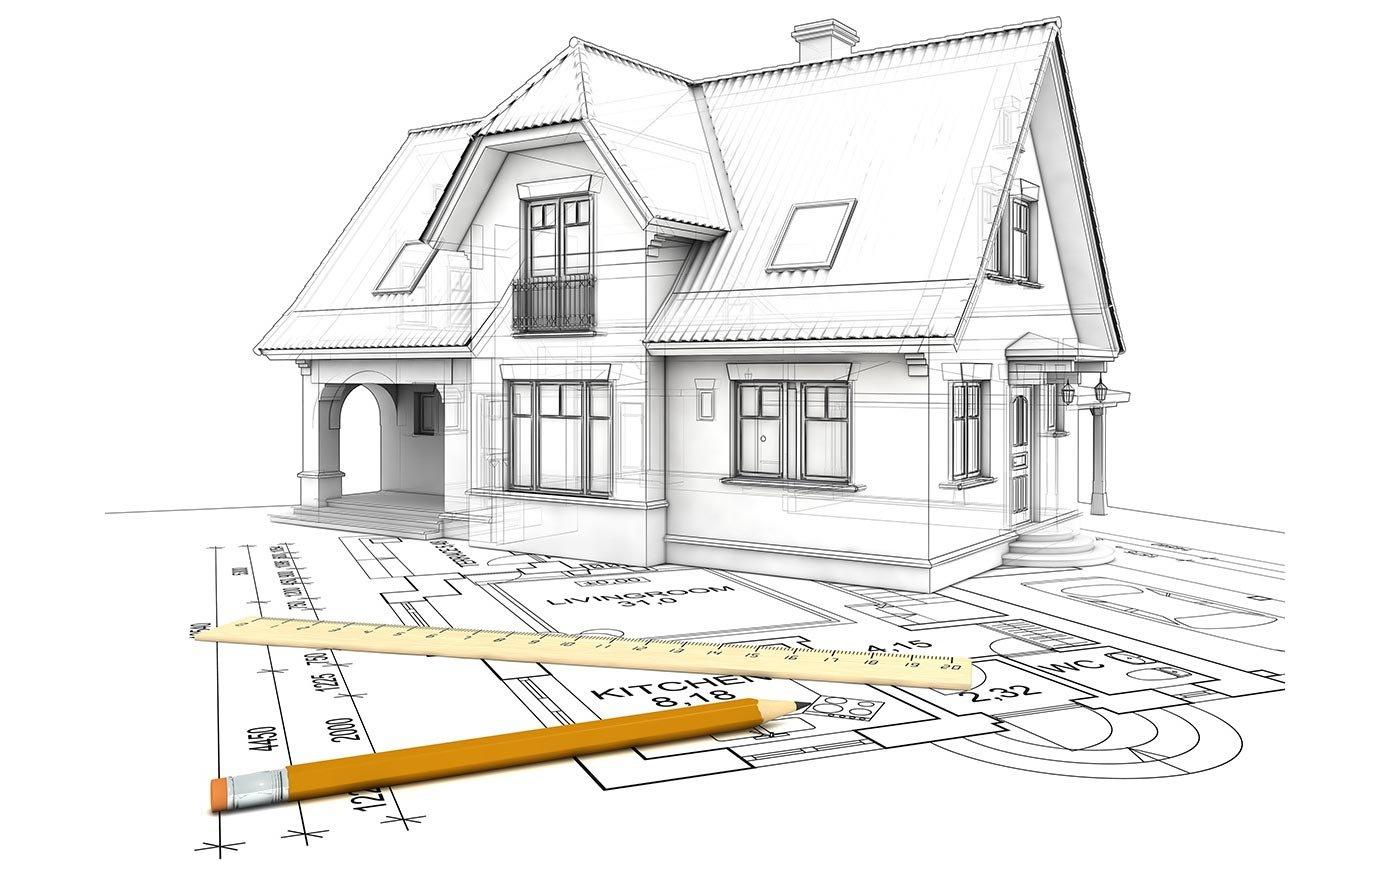 Архитектурное проектирование: зачем нужна разработка проекта дома?